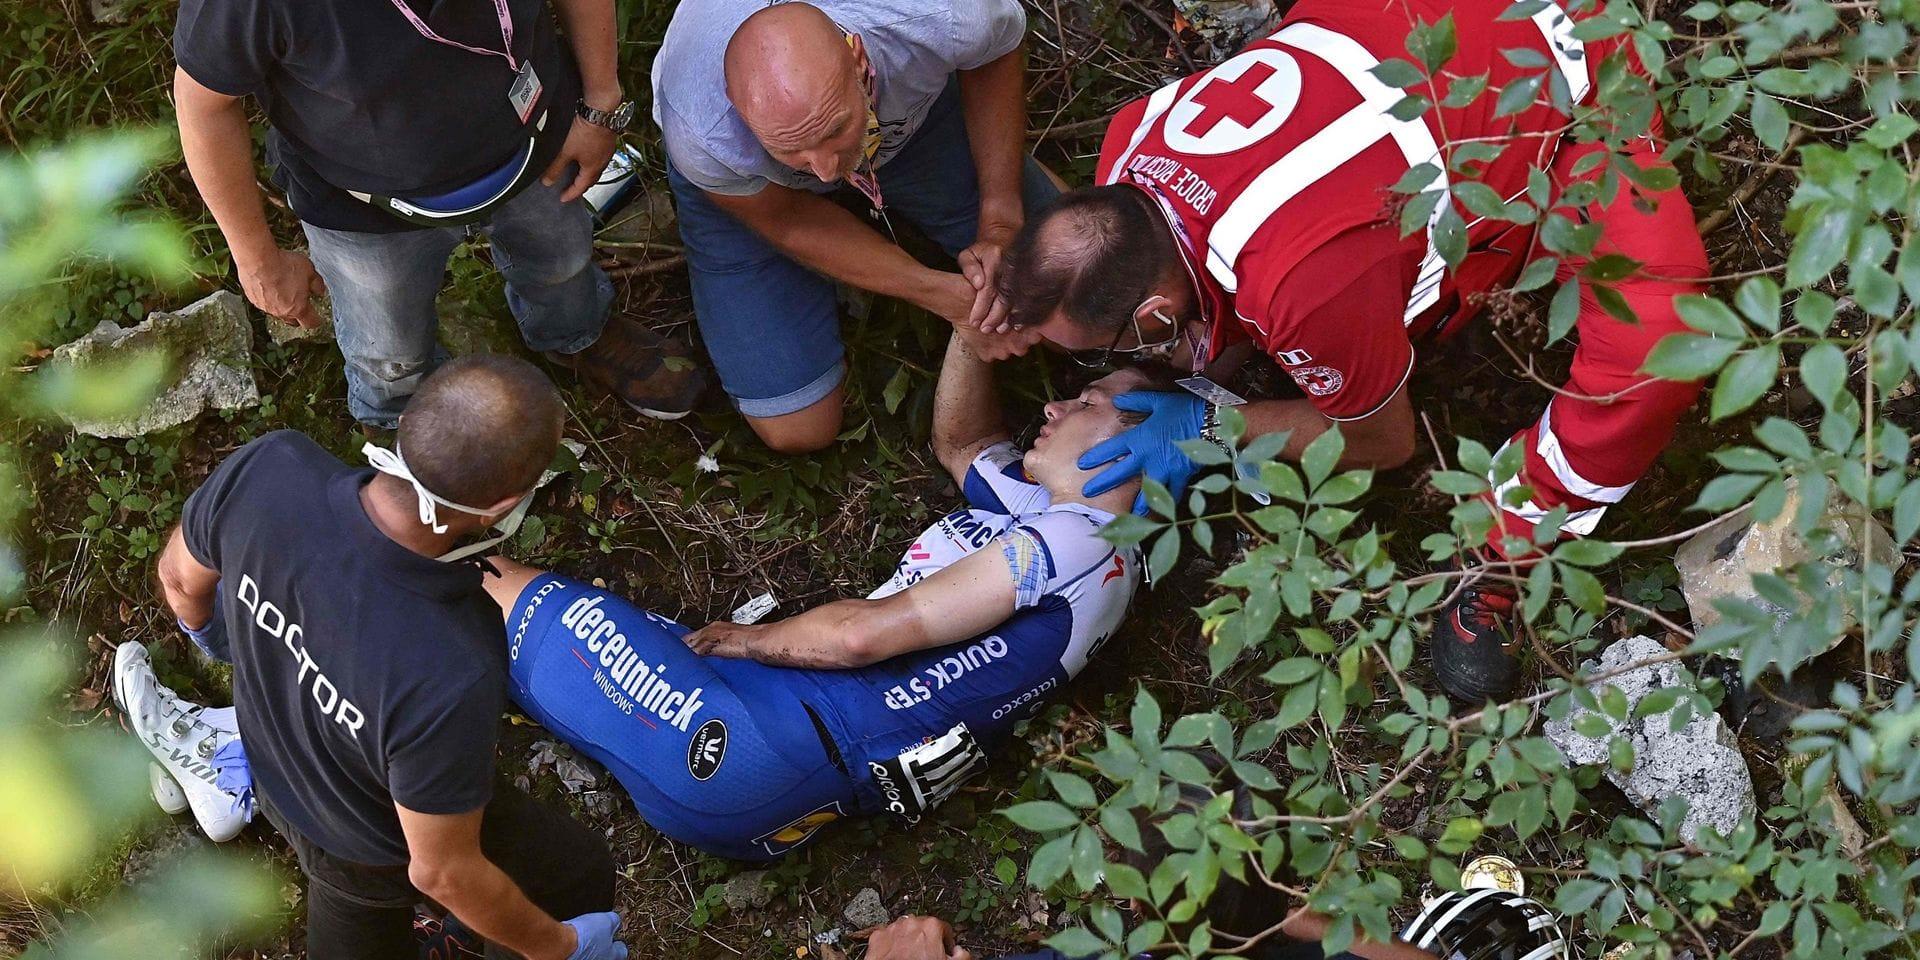 """Evenepoel très émotif après l'agitation autour de sa chute: """"J'ai pleuré dans les bras de mon père"""""""